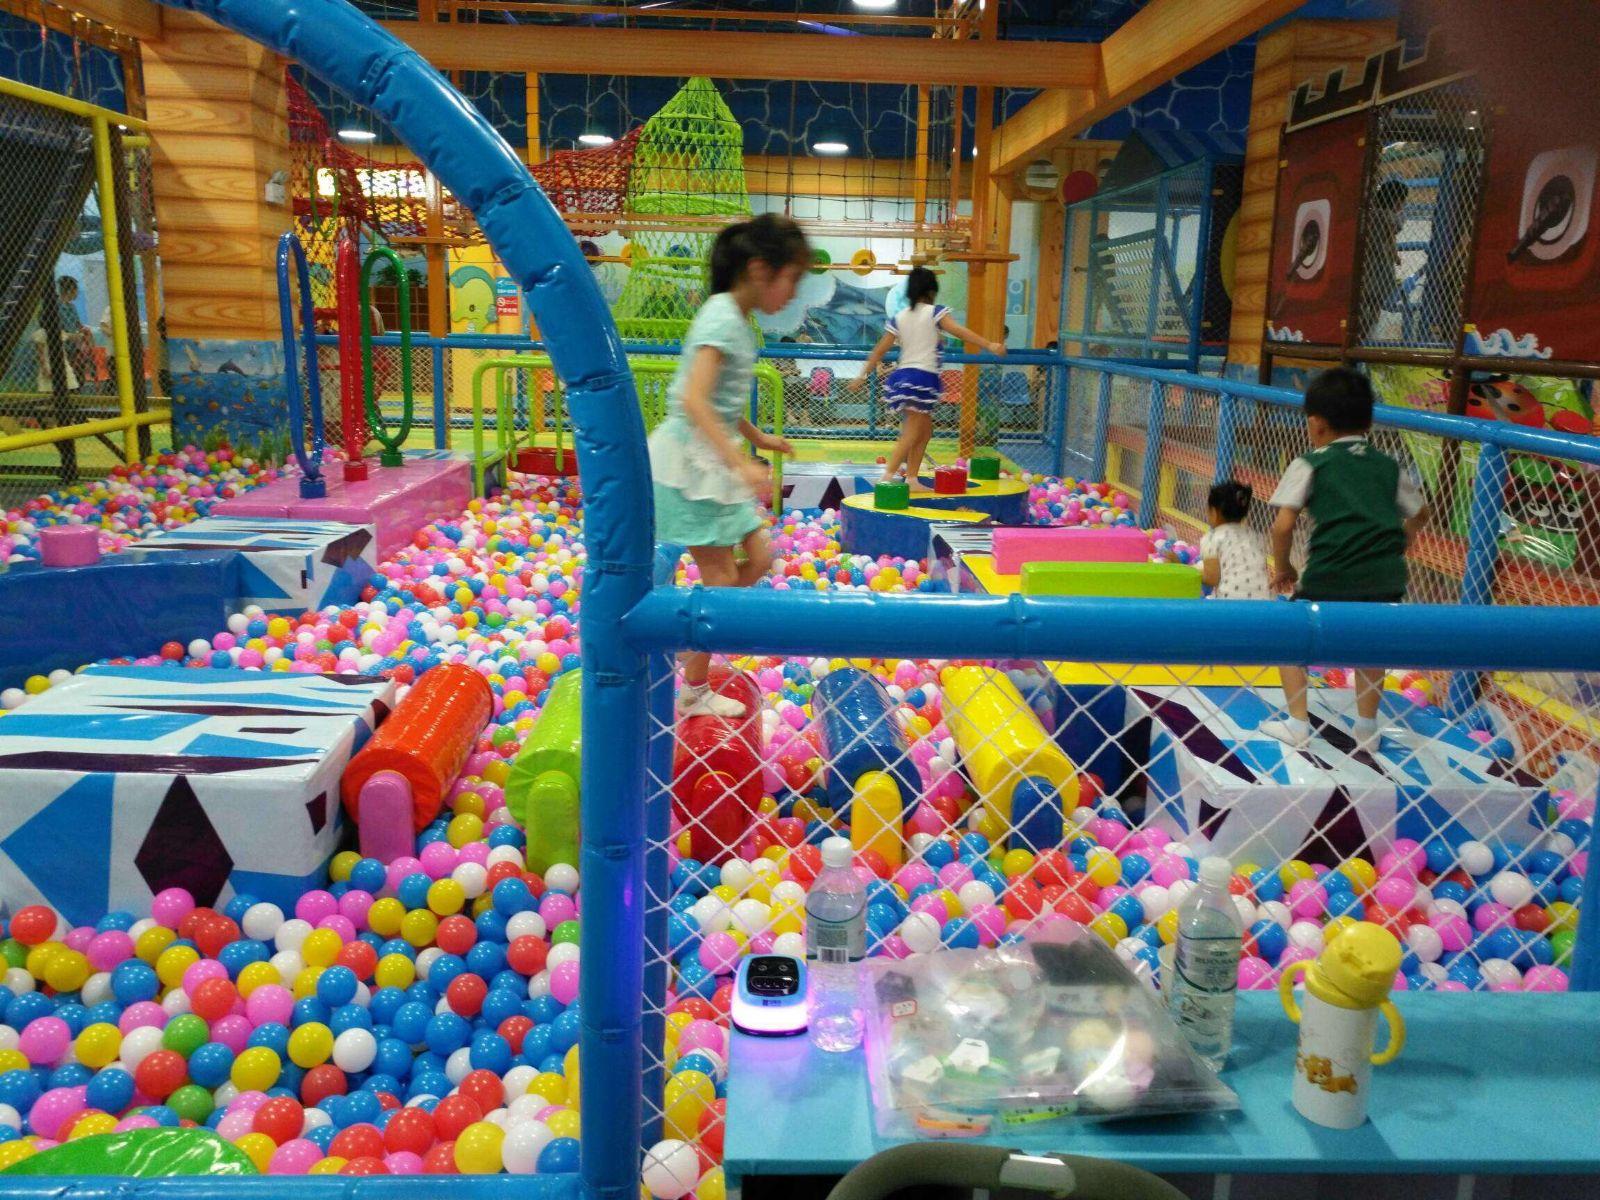 室内儿童游乐场环境怎么定位